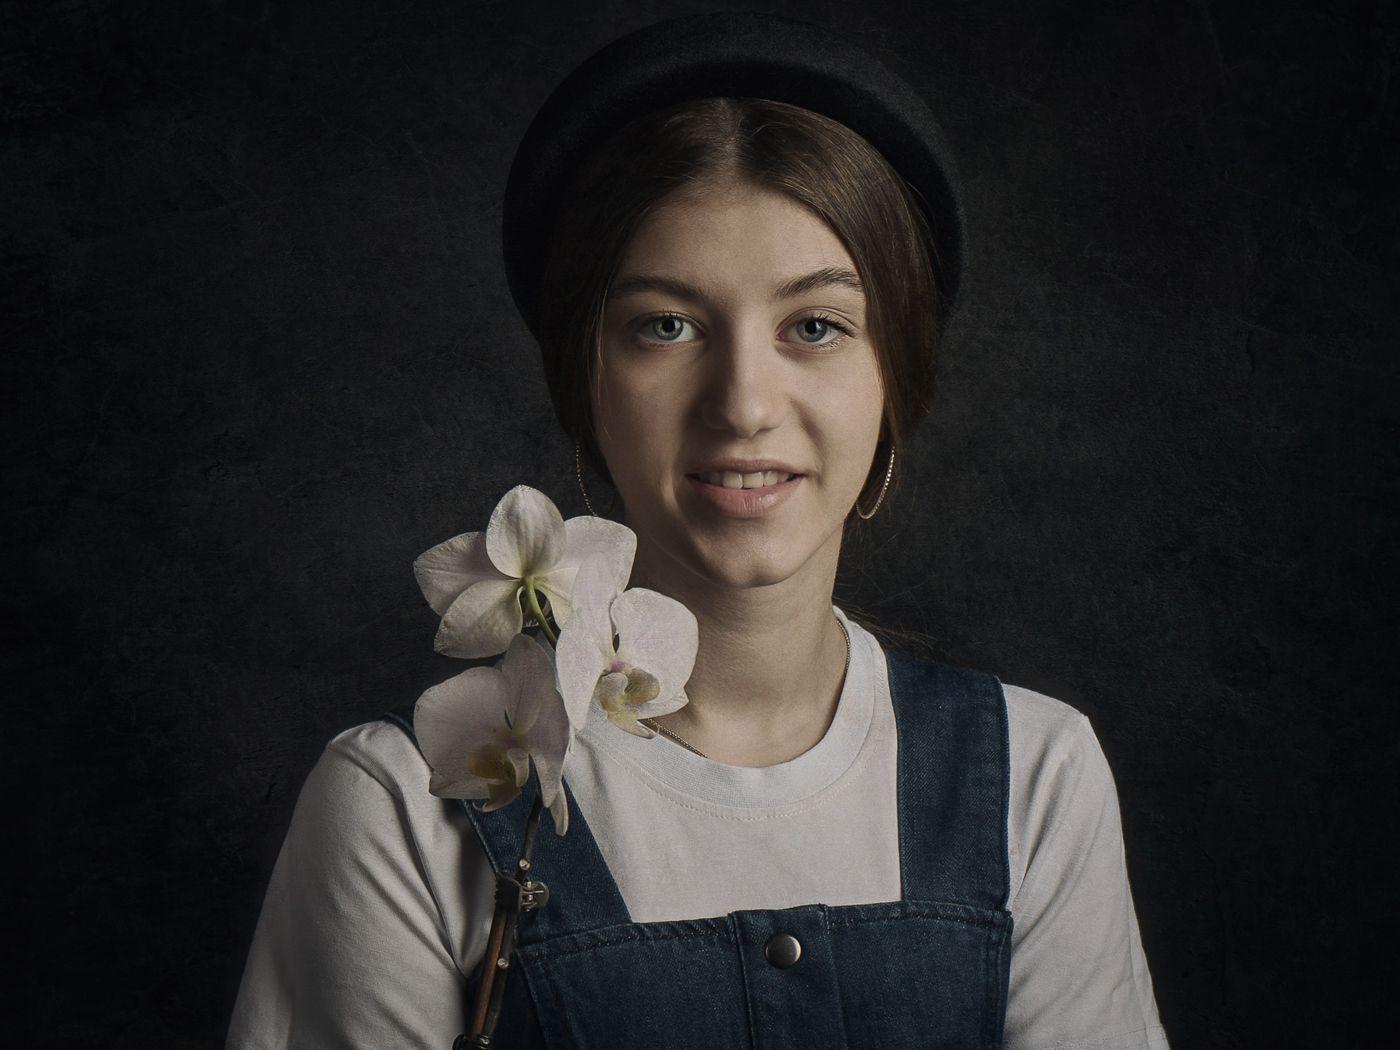 Девушка с цветком Девушка цветок гламур.вспышка домашняя студия